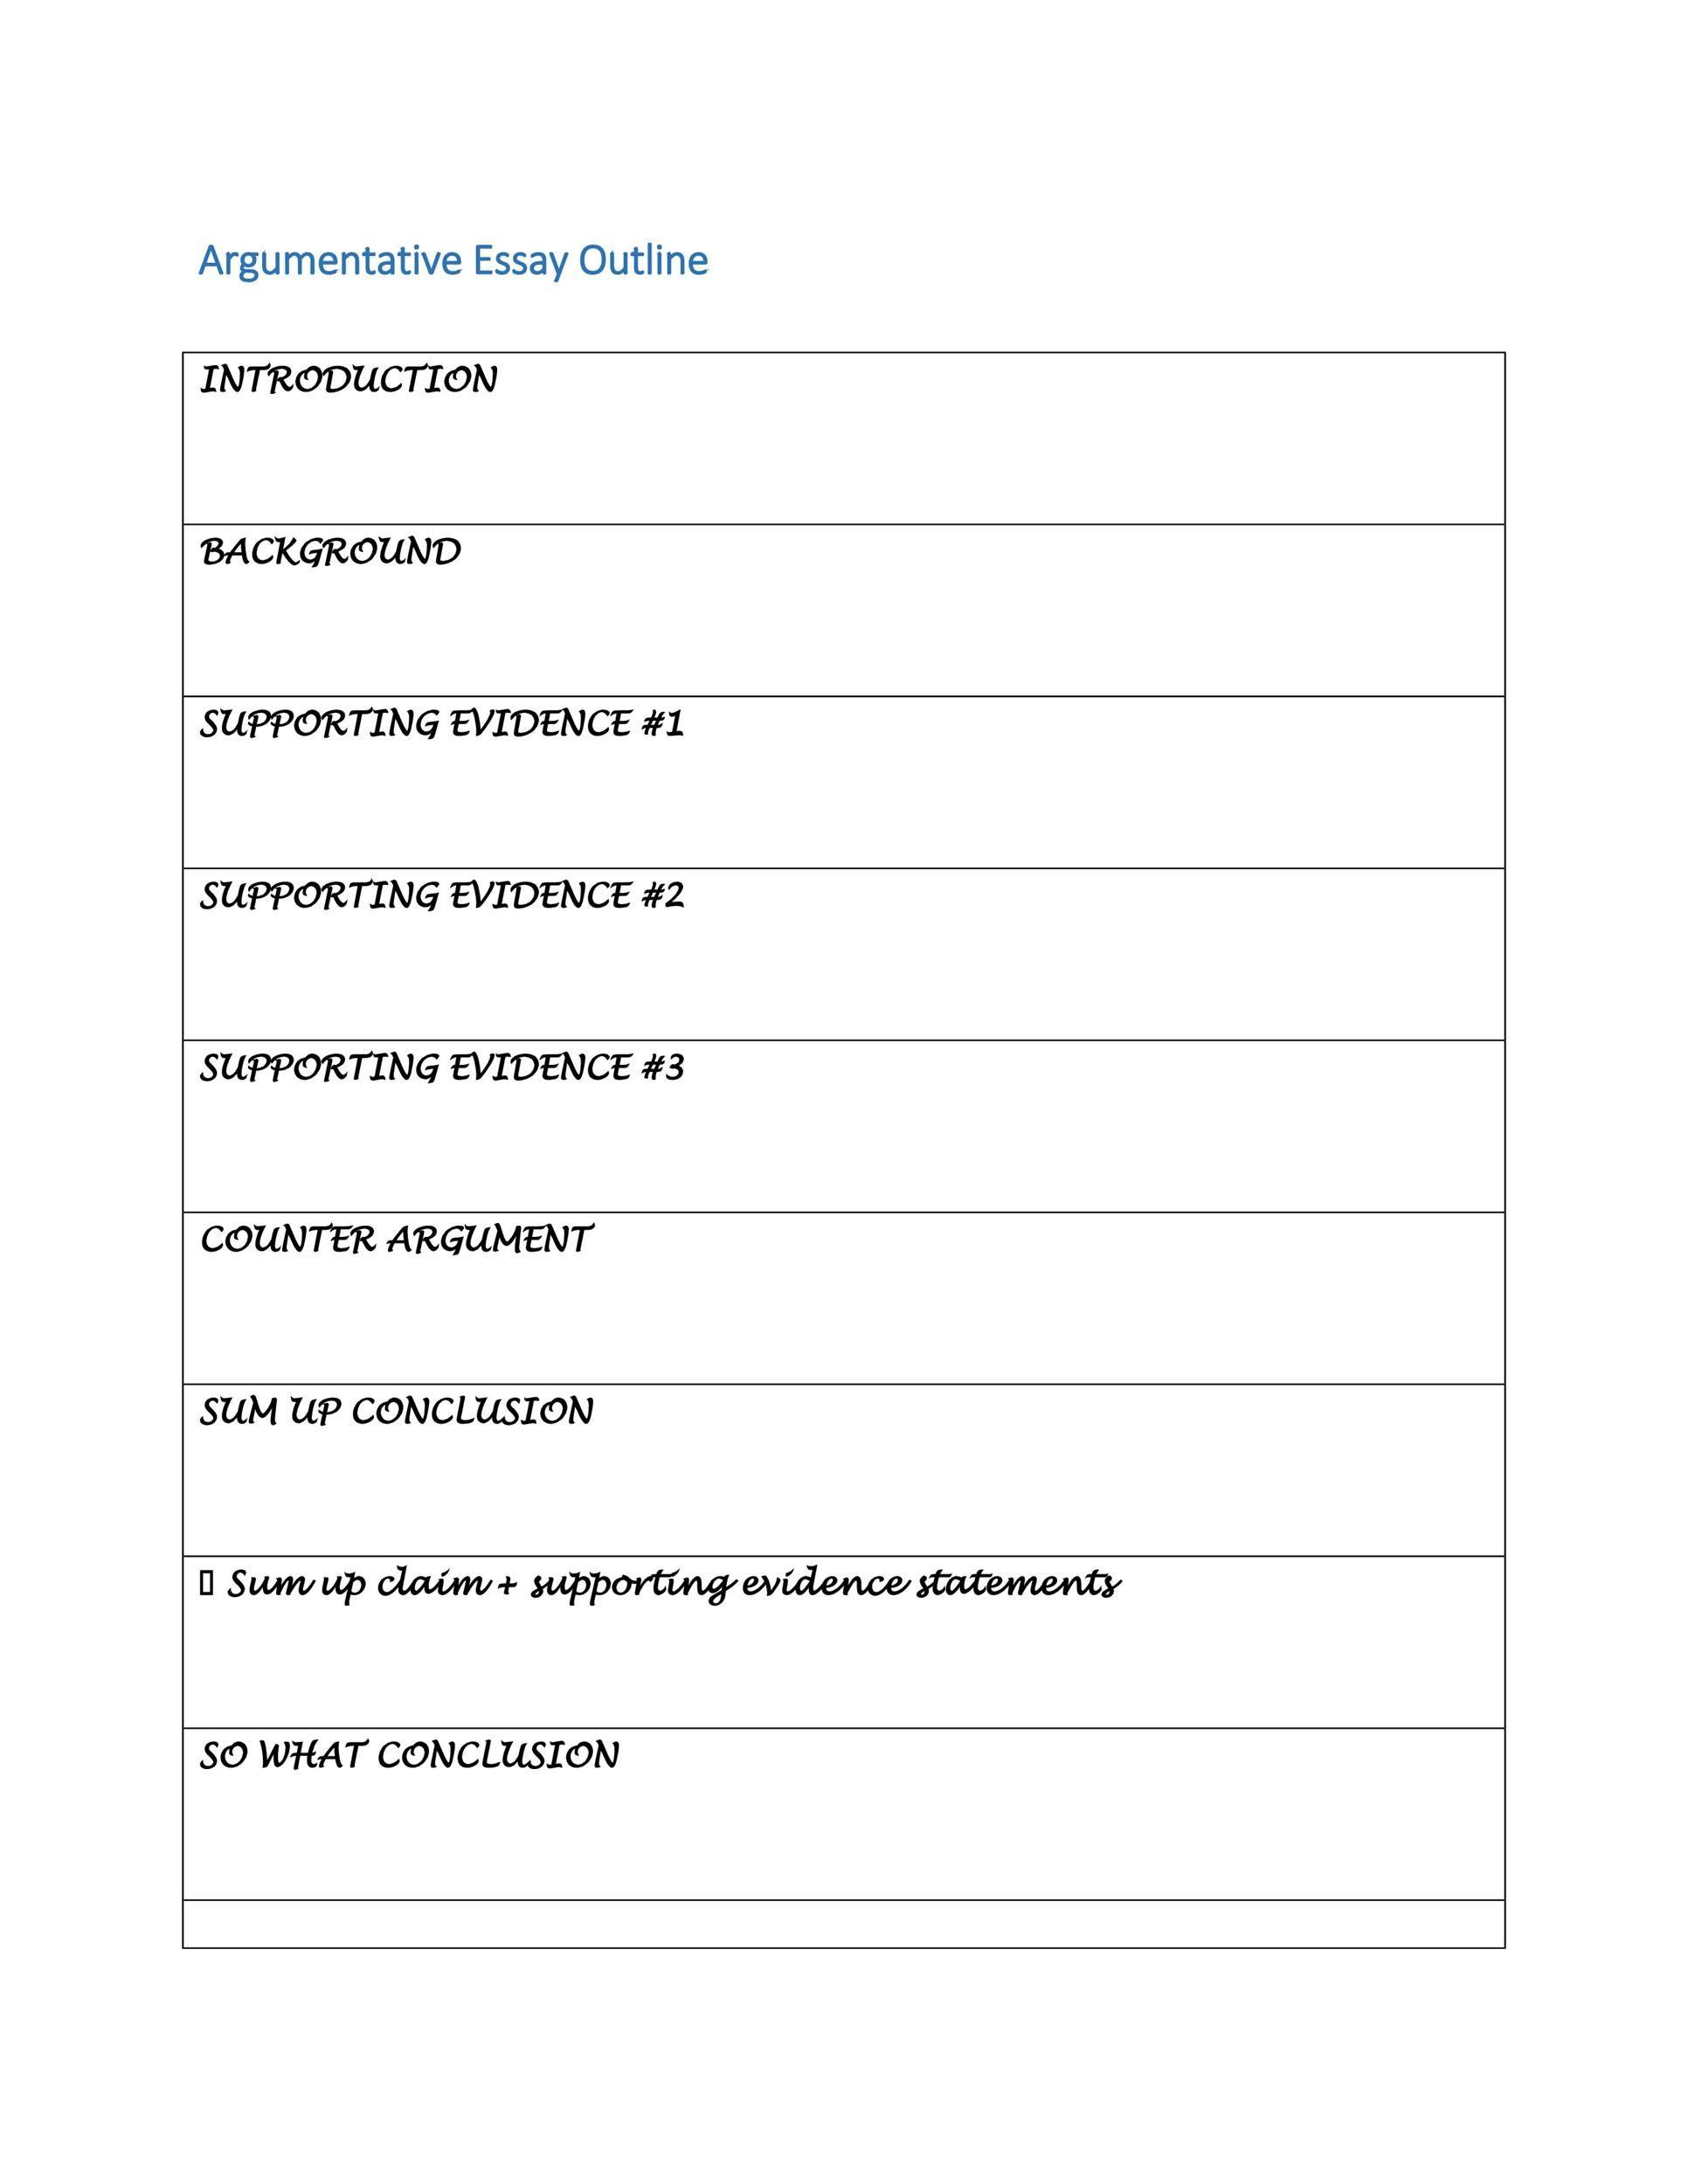 007 Dreaded Argumentative Essay Outline Template Inspiration  Mla Format Doc Middle SchoolFull